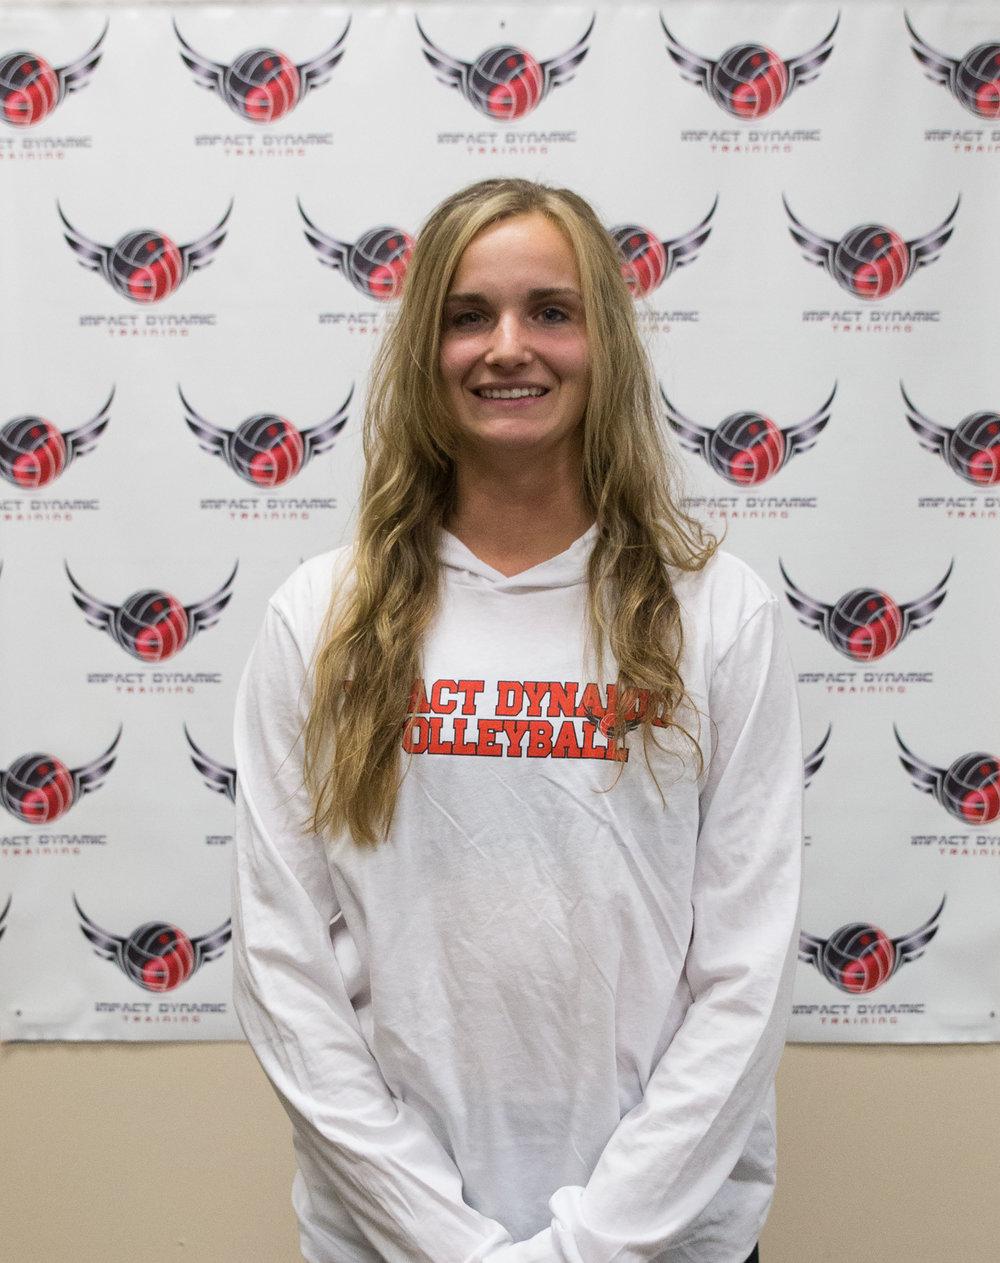 Coach Ellie VanLaar